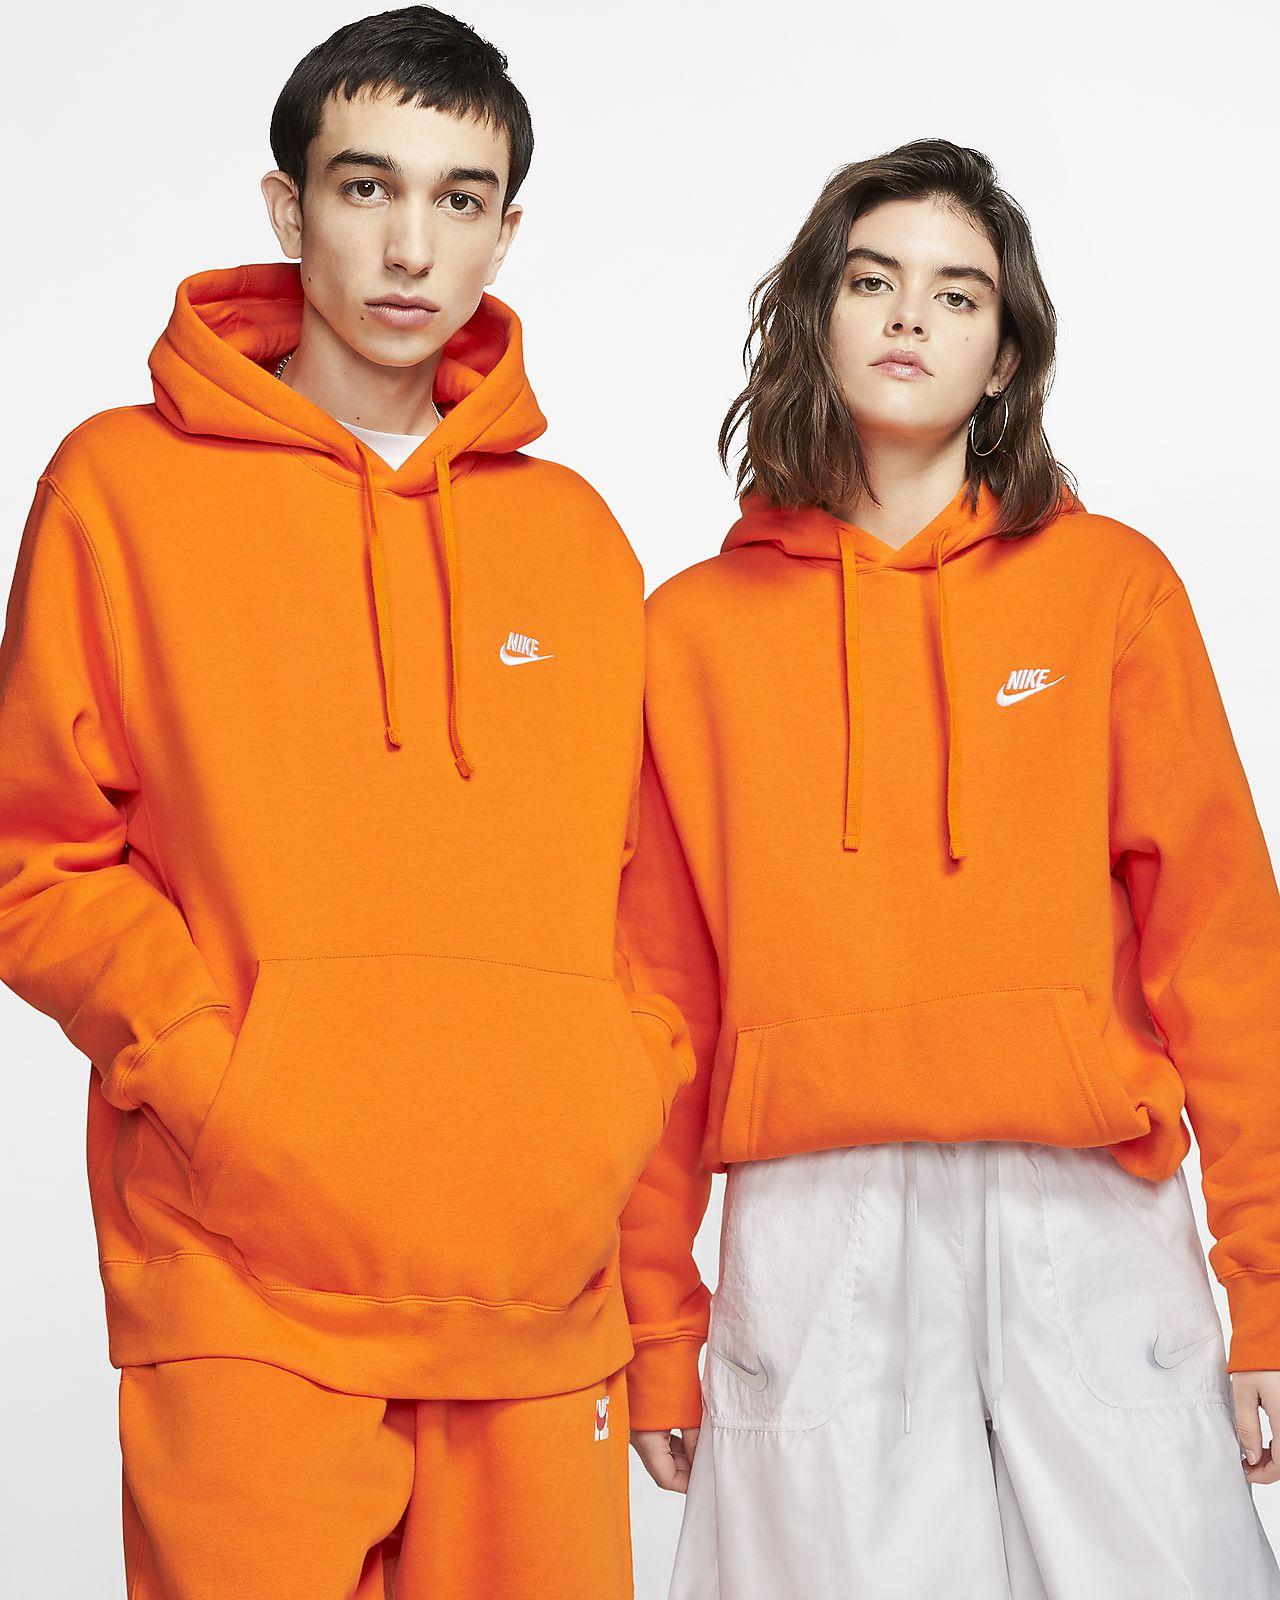 Nike Orange Sweats & Hoodies for Women for sale | eBay